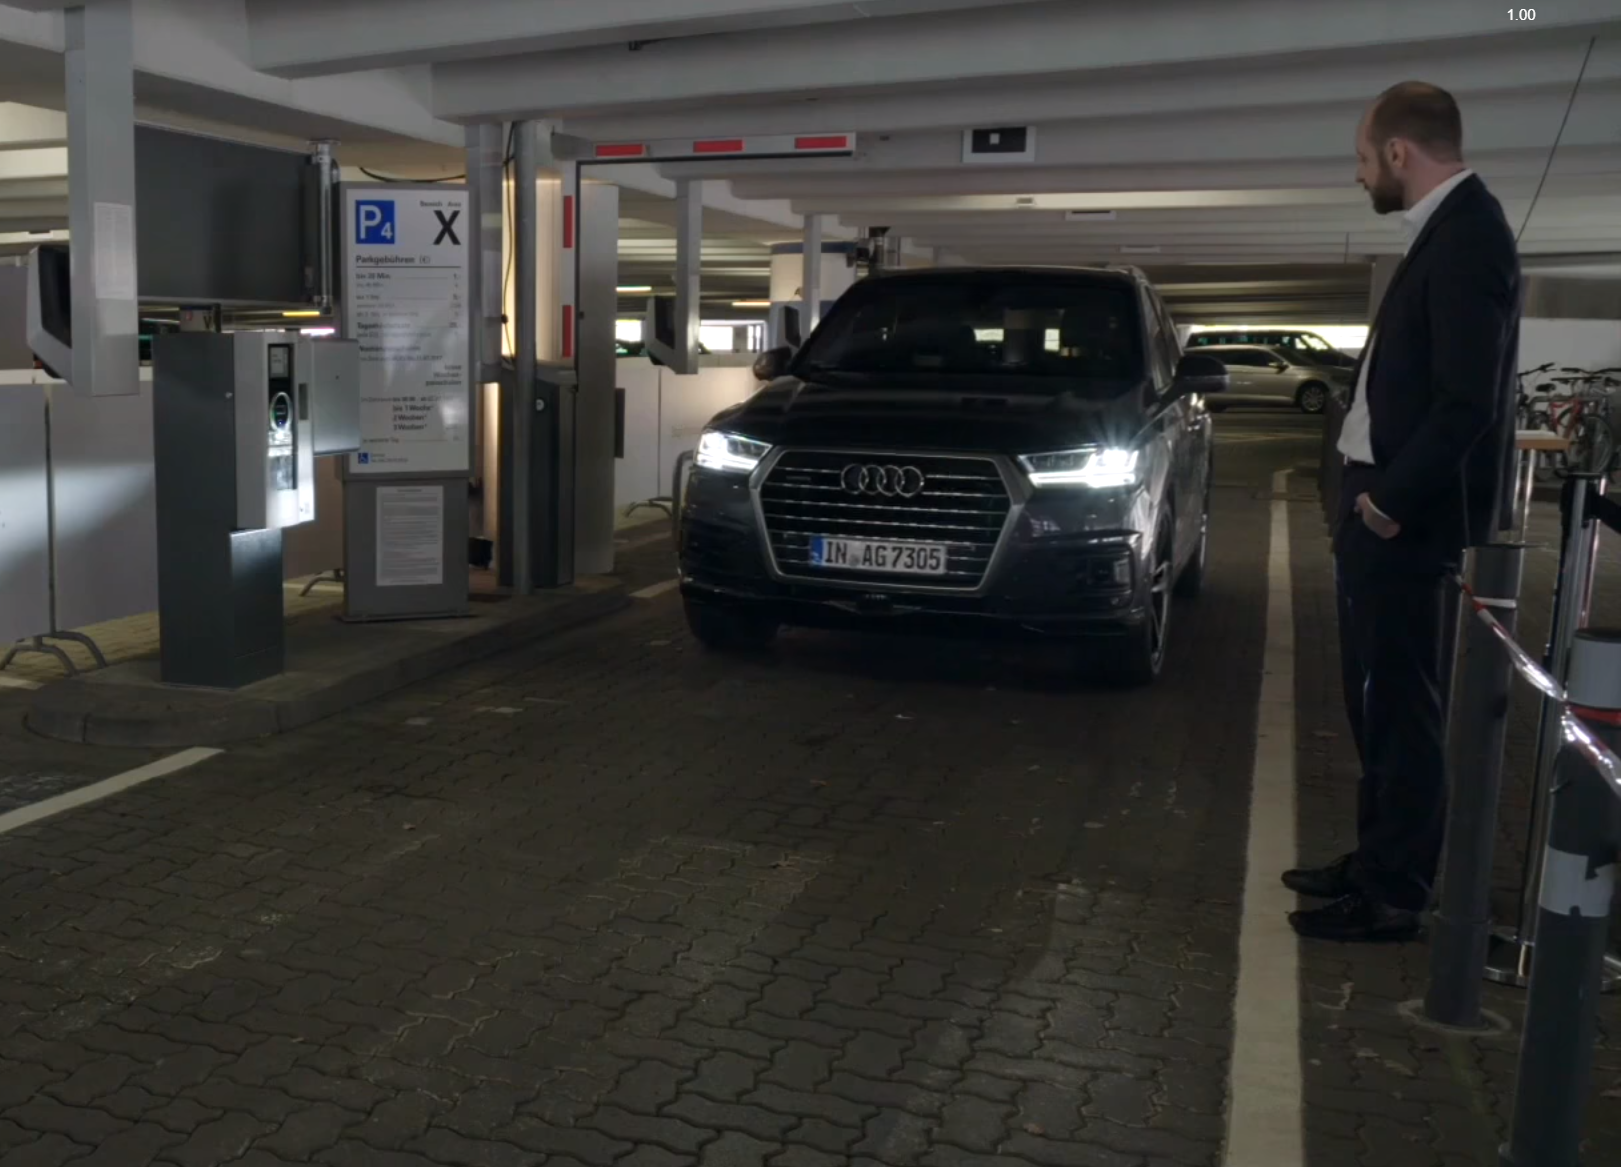 Роботизация автомобилей: полностью автономная парковка